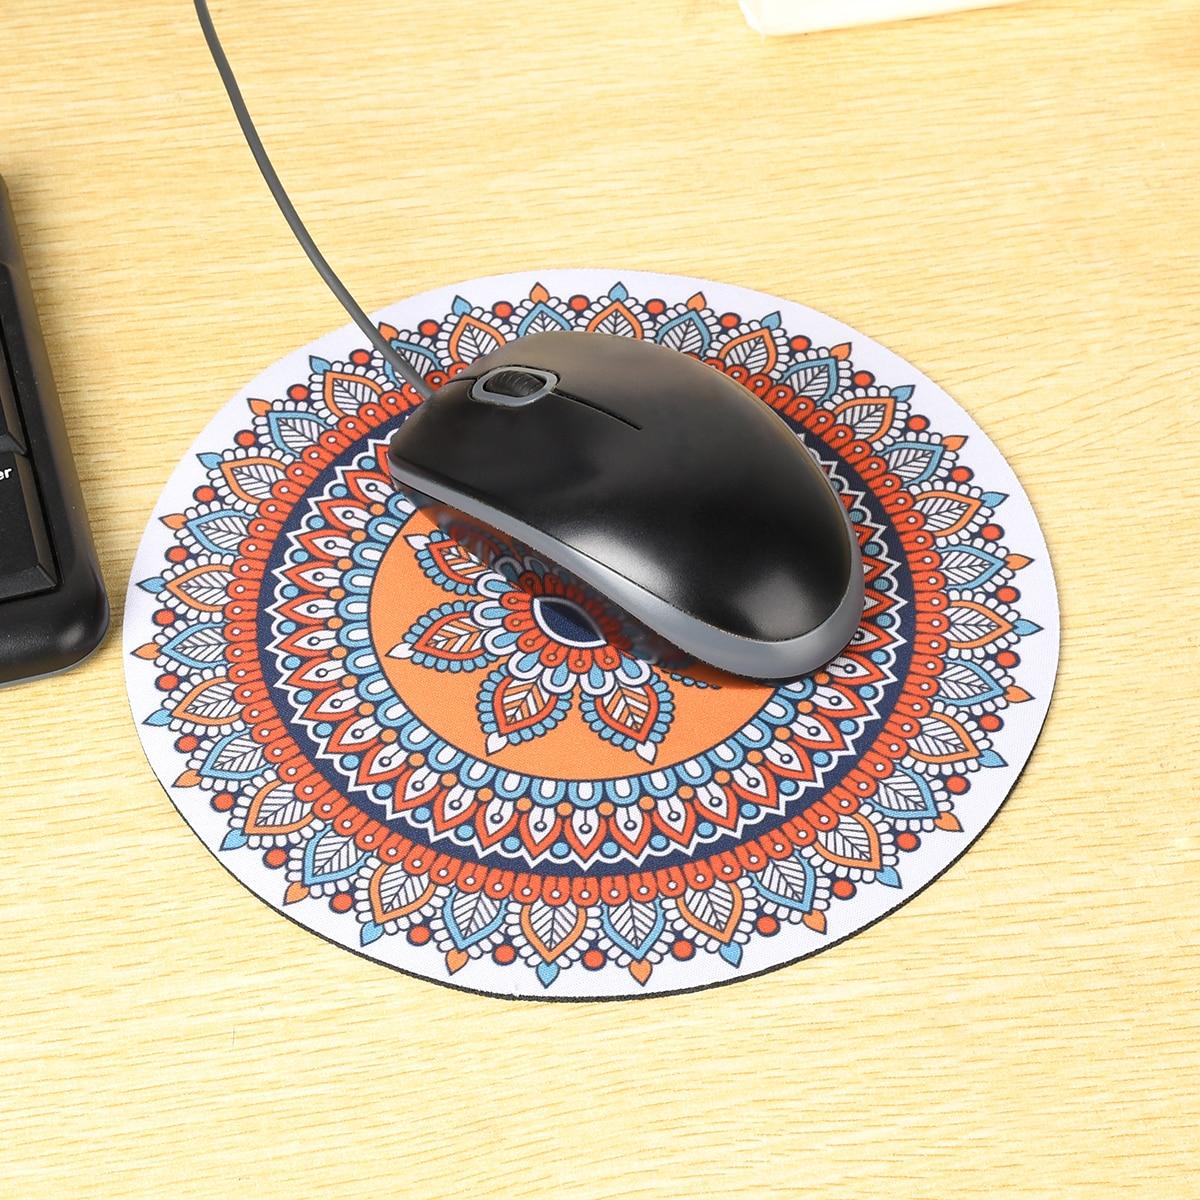 Alfombrilla de ratón Bohemia Vintage de 20CM, alfombrilla de ratón redonda para ordenador 3D, alfombrilla de ratón antideslizante